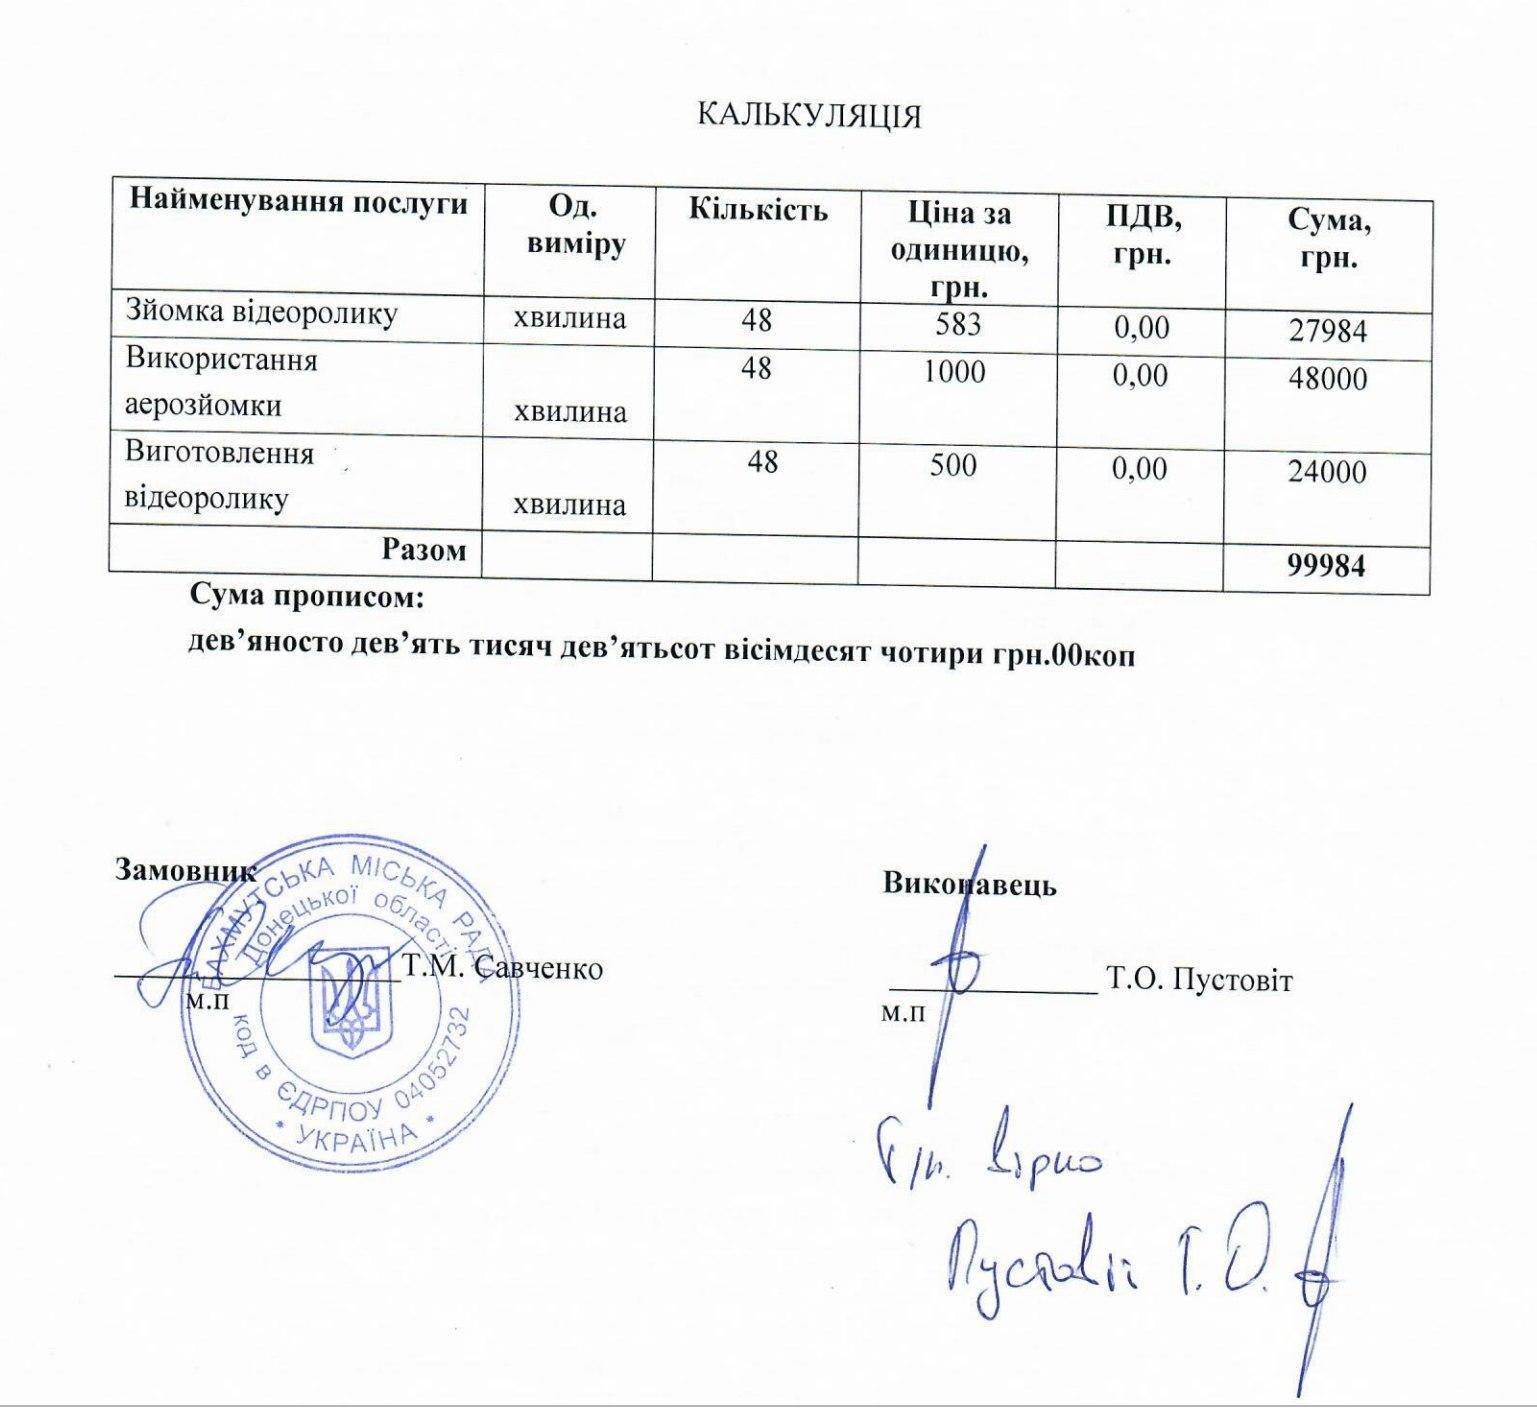 Тони пива державним коштом і відео за ціною машини. 4 приклади бюджетного марнотратства з Донеччини